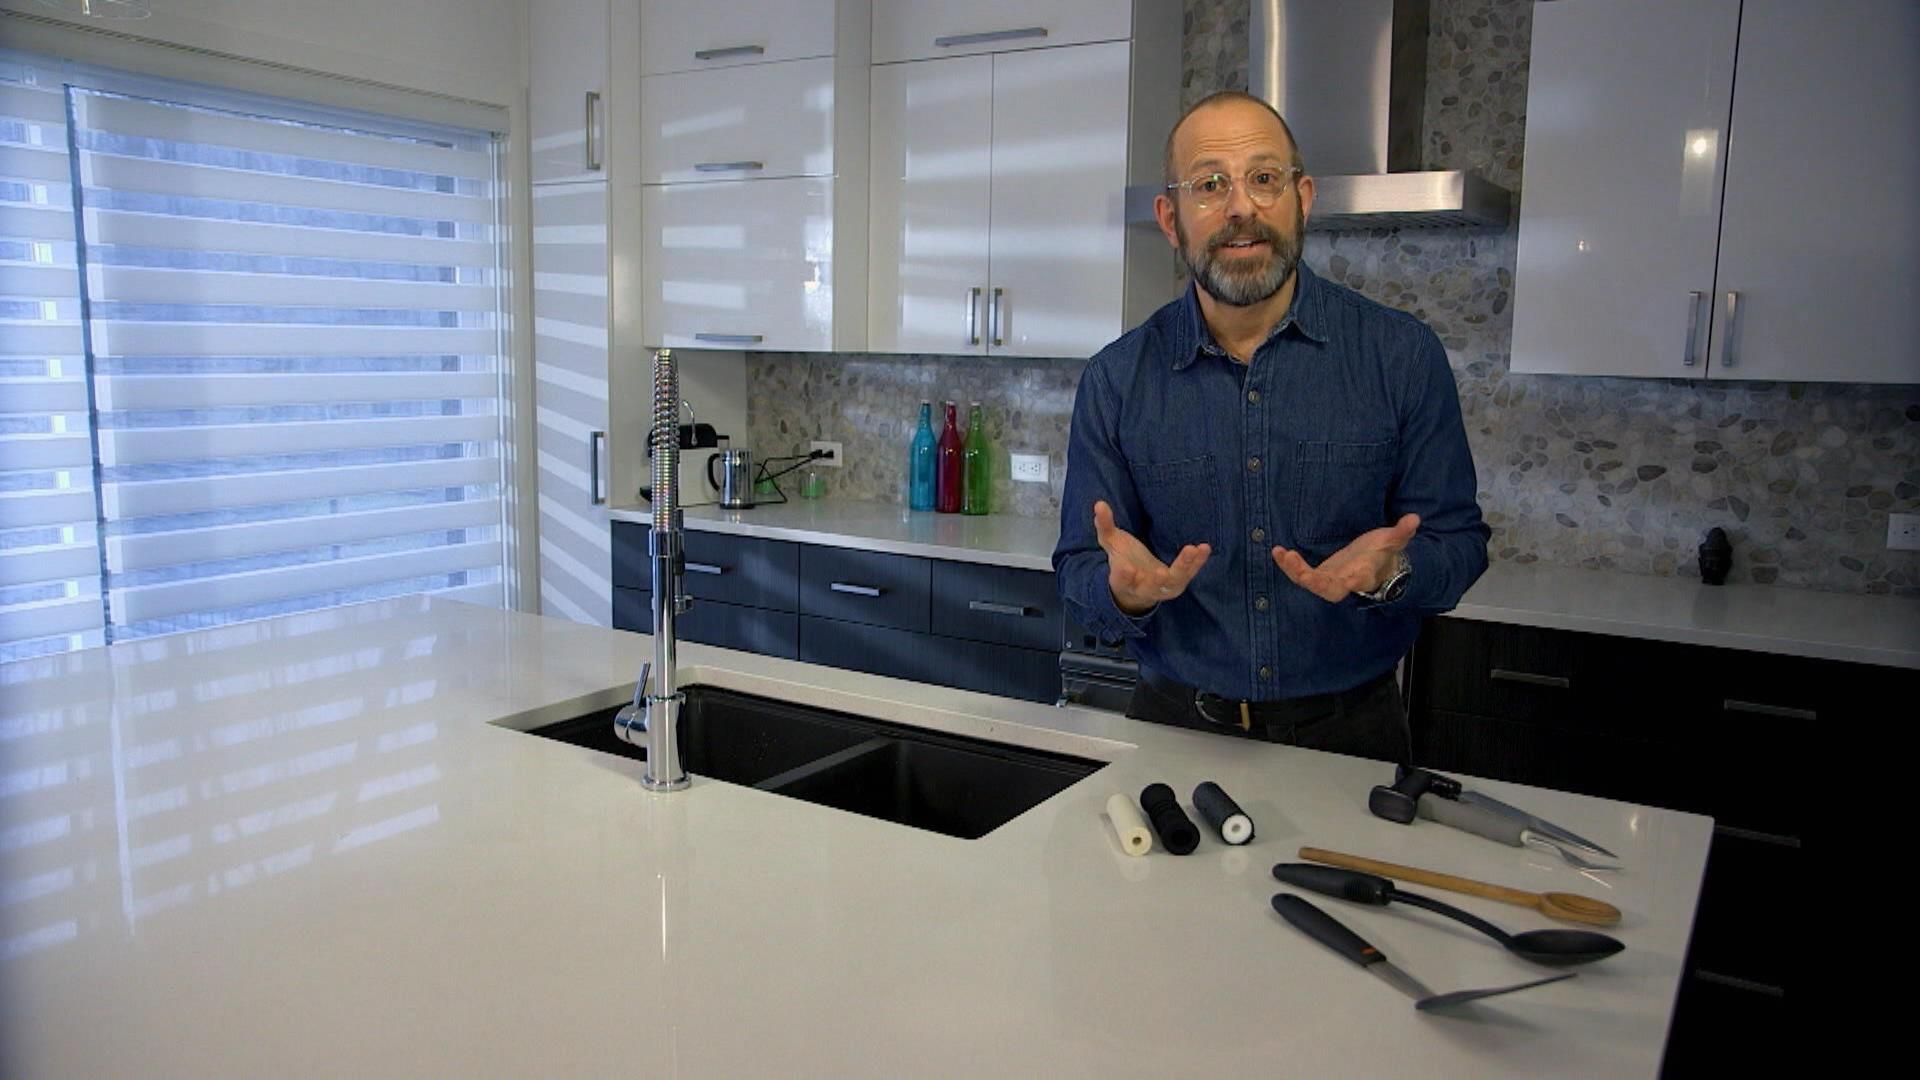 l 39 ergonomie de la cuisine m decin sans rendez vous zone vid o t l qu bec. Black Bedroom Furniture Sets. Home Design Ideas